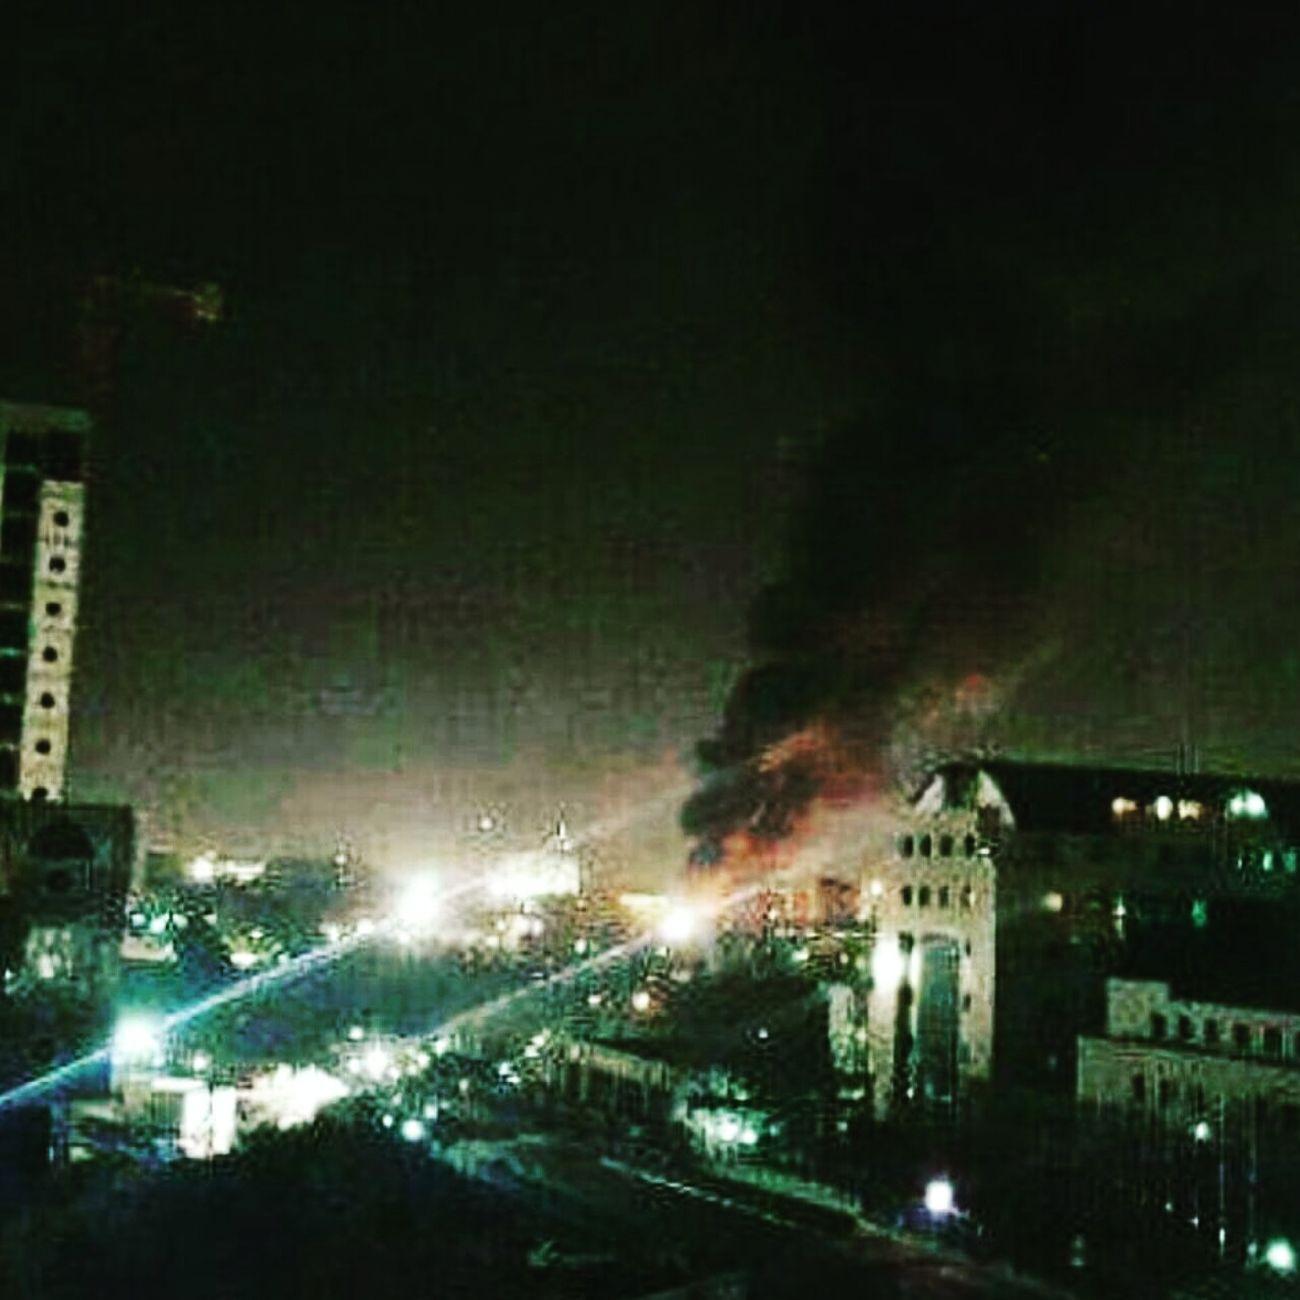 Ankara- Kızılay Terorulanetliyoruz Lanetolsunteröre Ankaradakatliam Lanet Olsun Ankaraburda Akpkk Lanetolsunsize